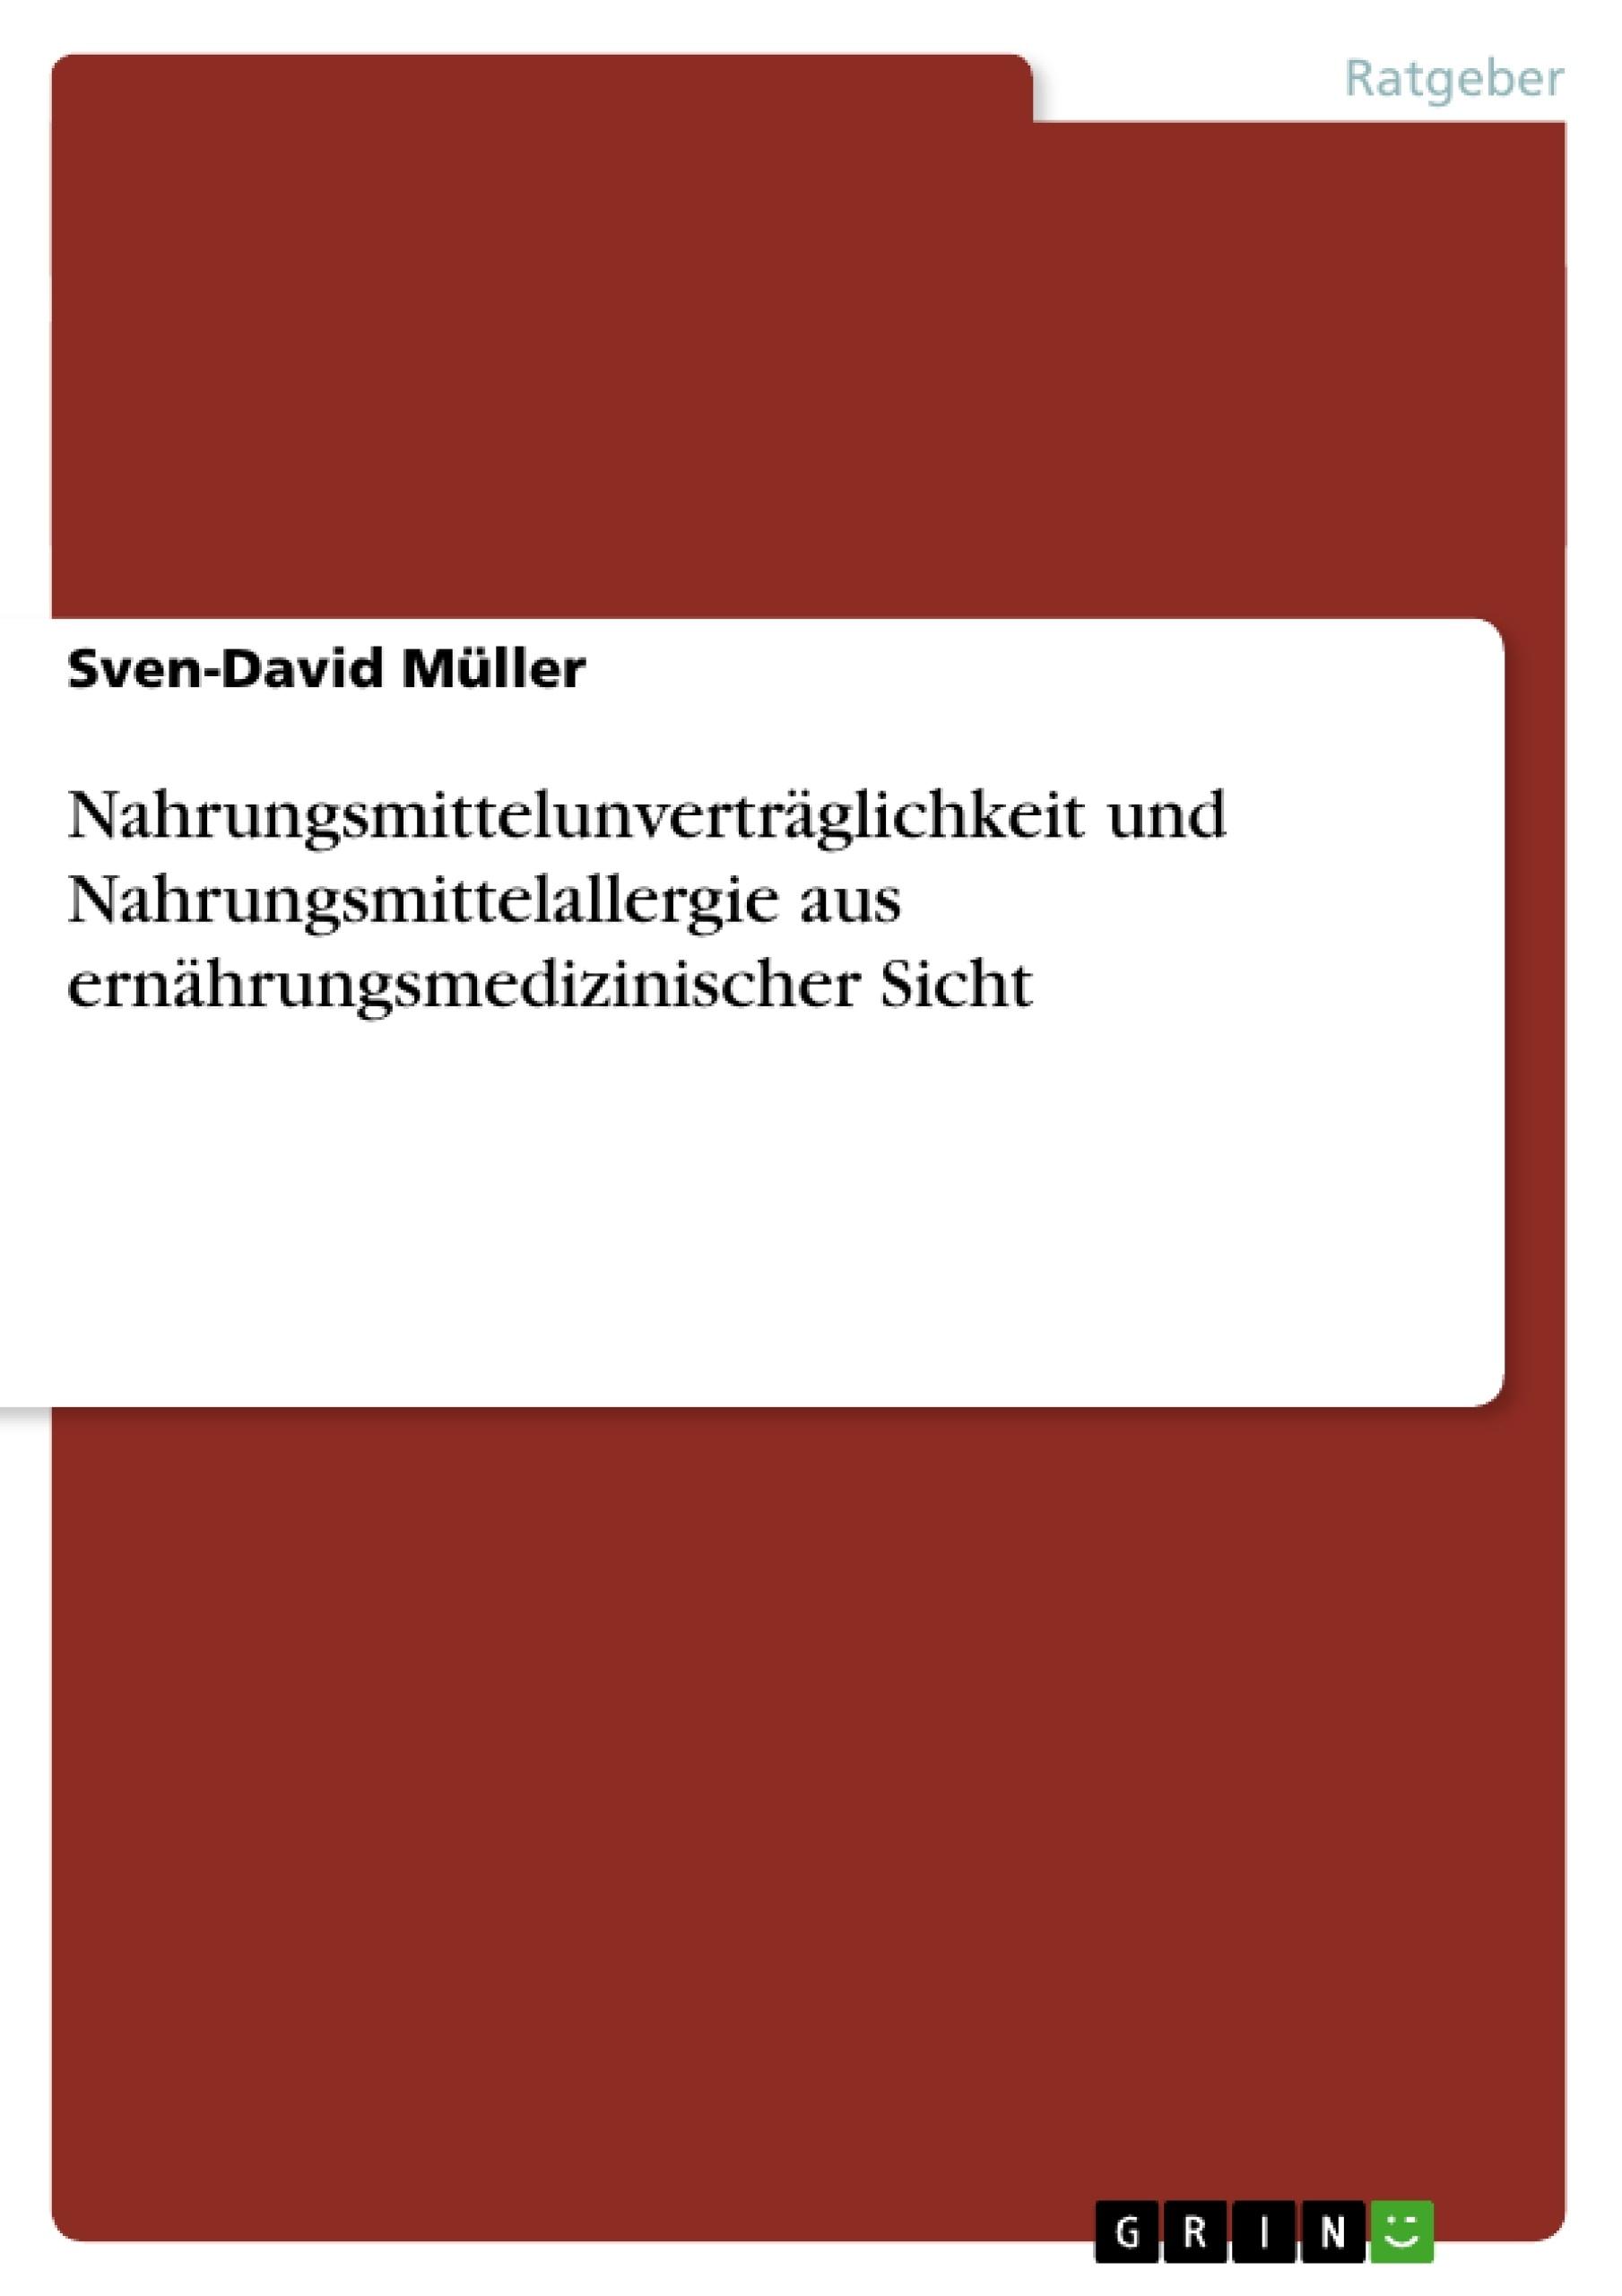 Titel: Nahrungsmittelunverträglichkeit und Nahrungsmittelallergie aus ernährungsmedizinischer Sicht